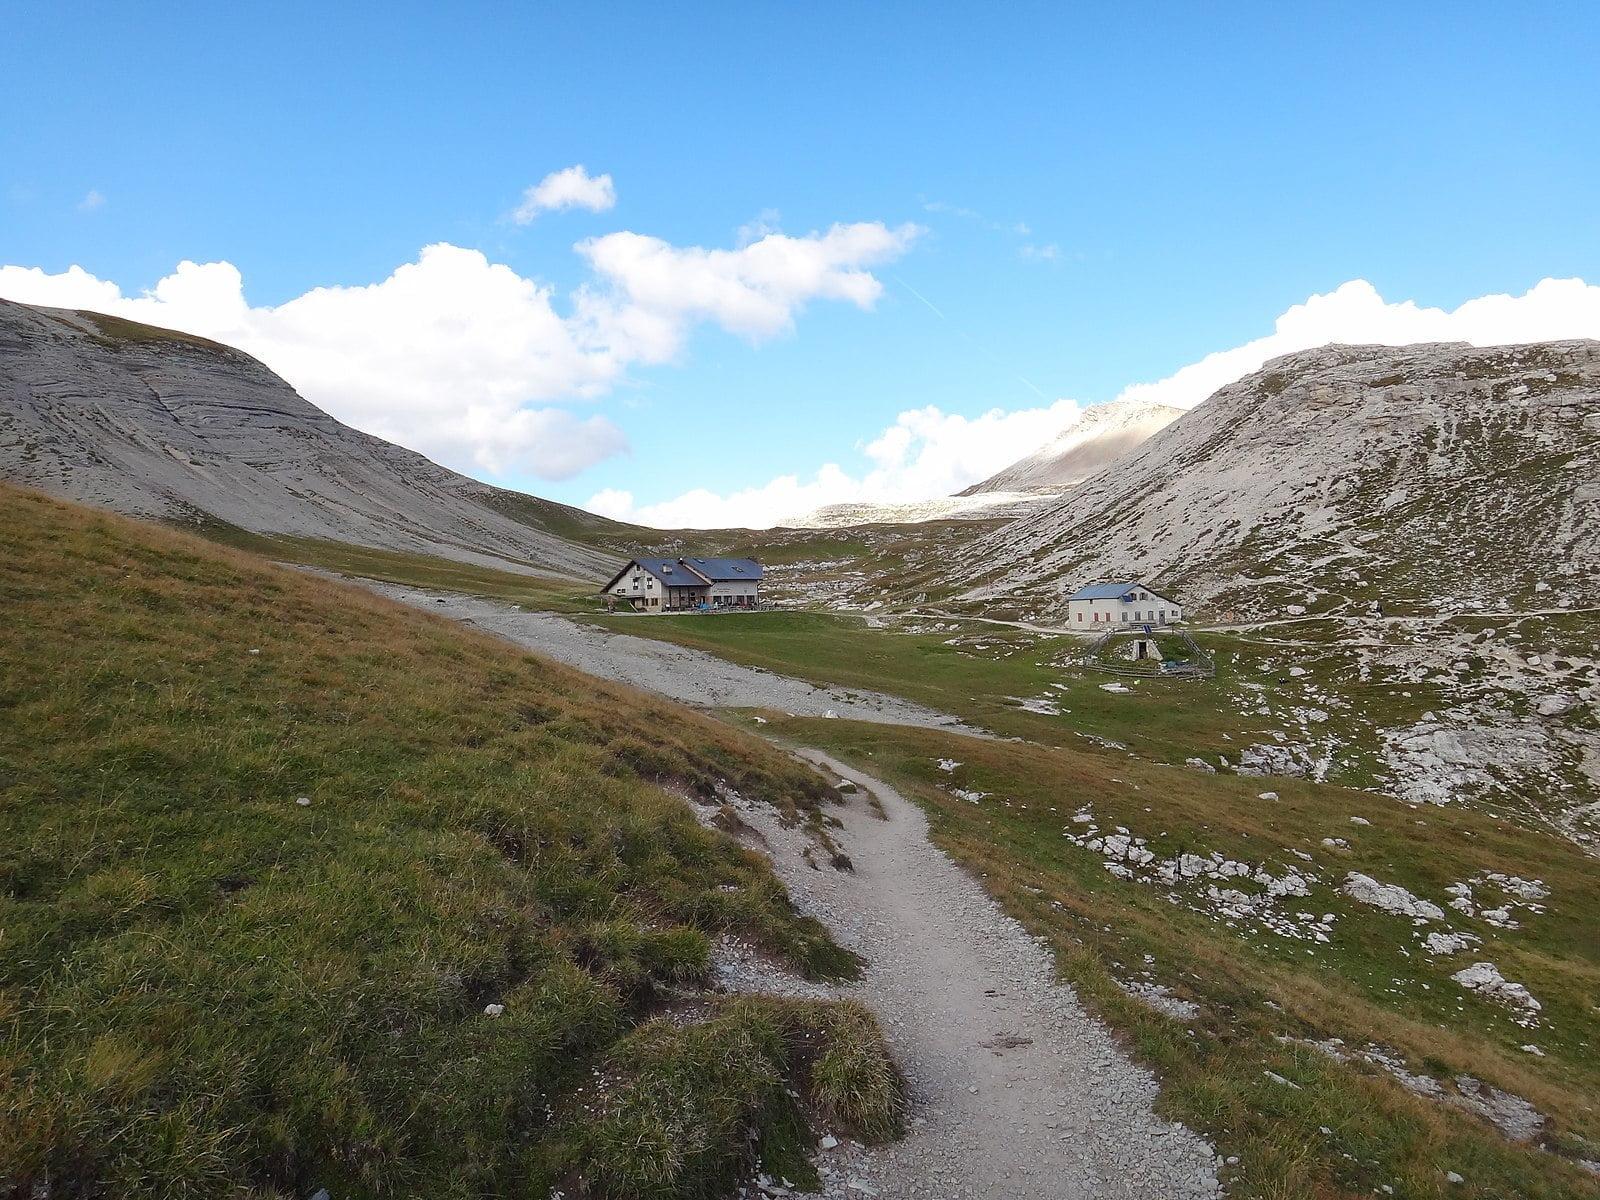 Rifugio Genova: escursione sull'Alta Via n 2 delle Dolomiti